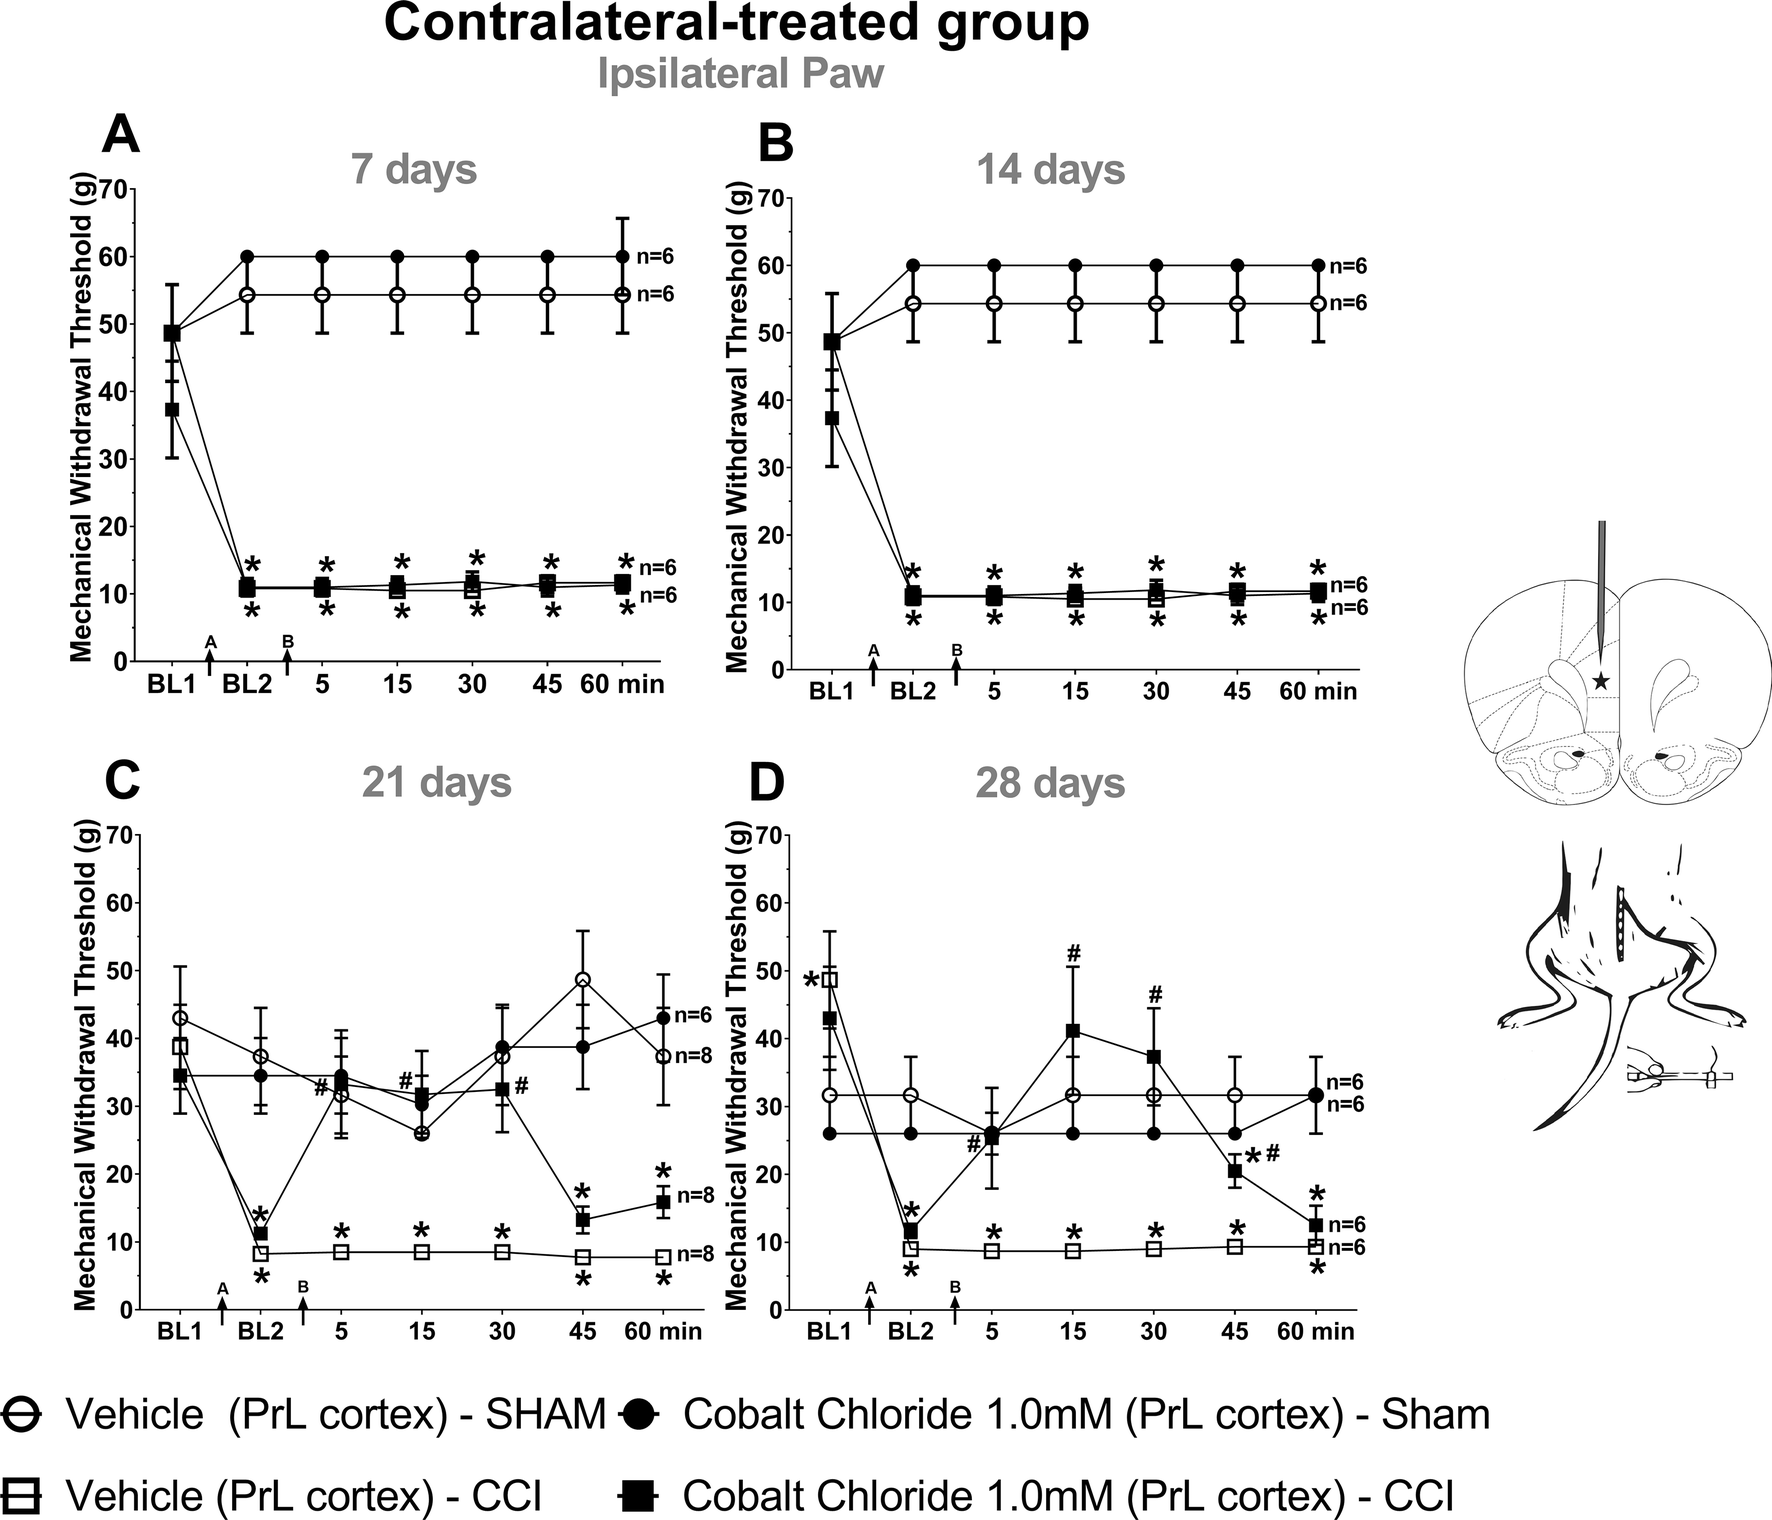 N-methyl- d-aspartate Receptors in the Prelimbic Cortex are